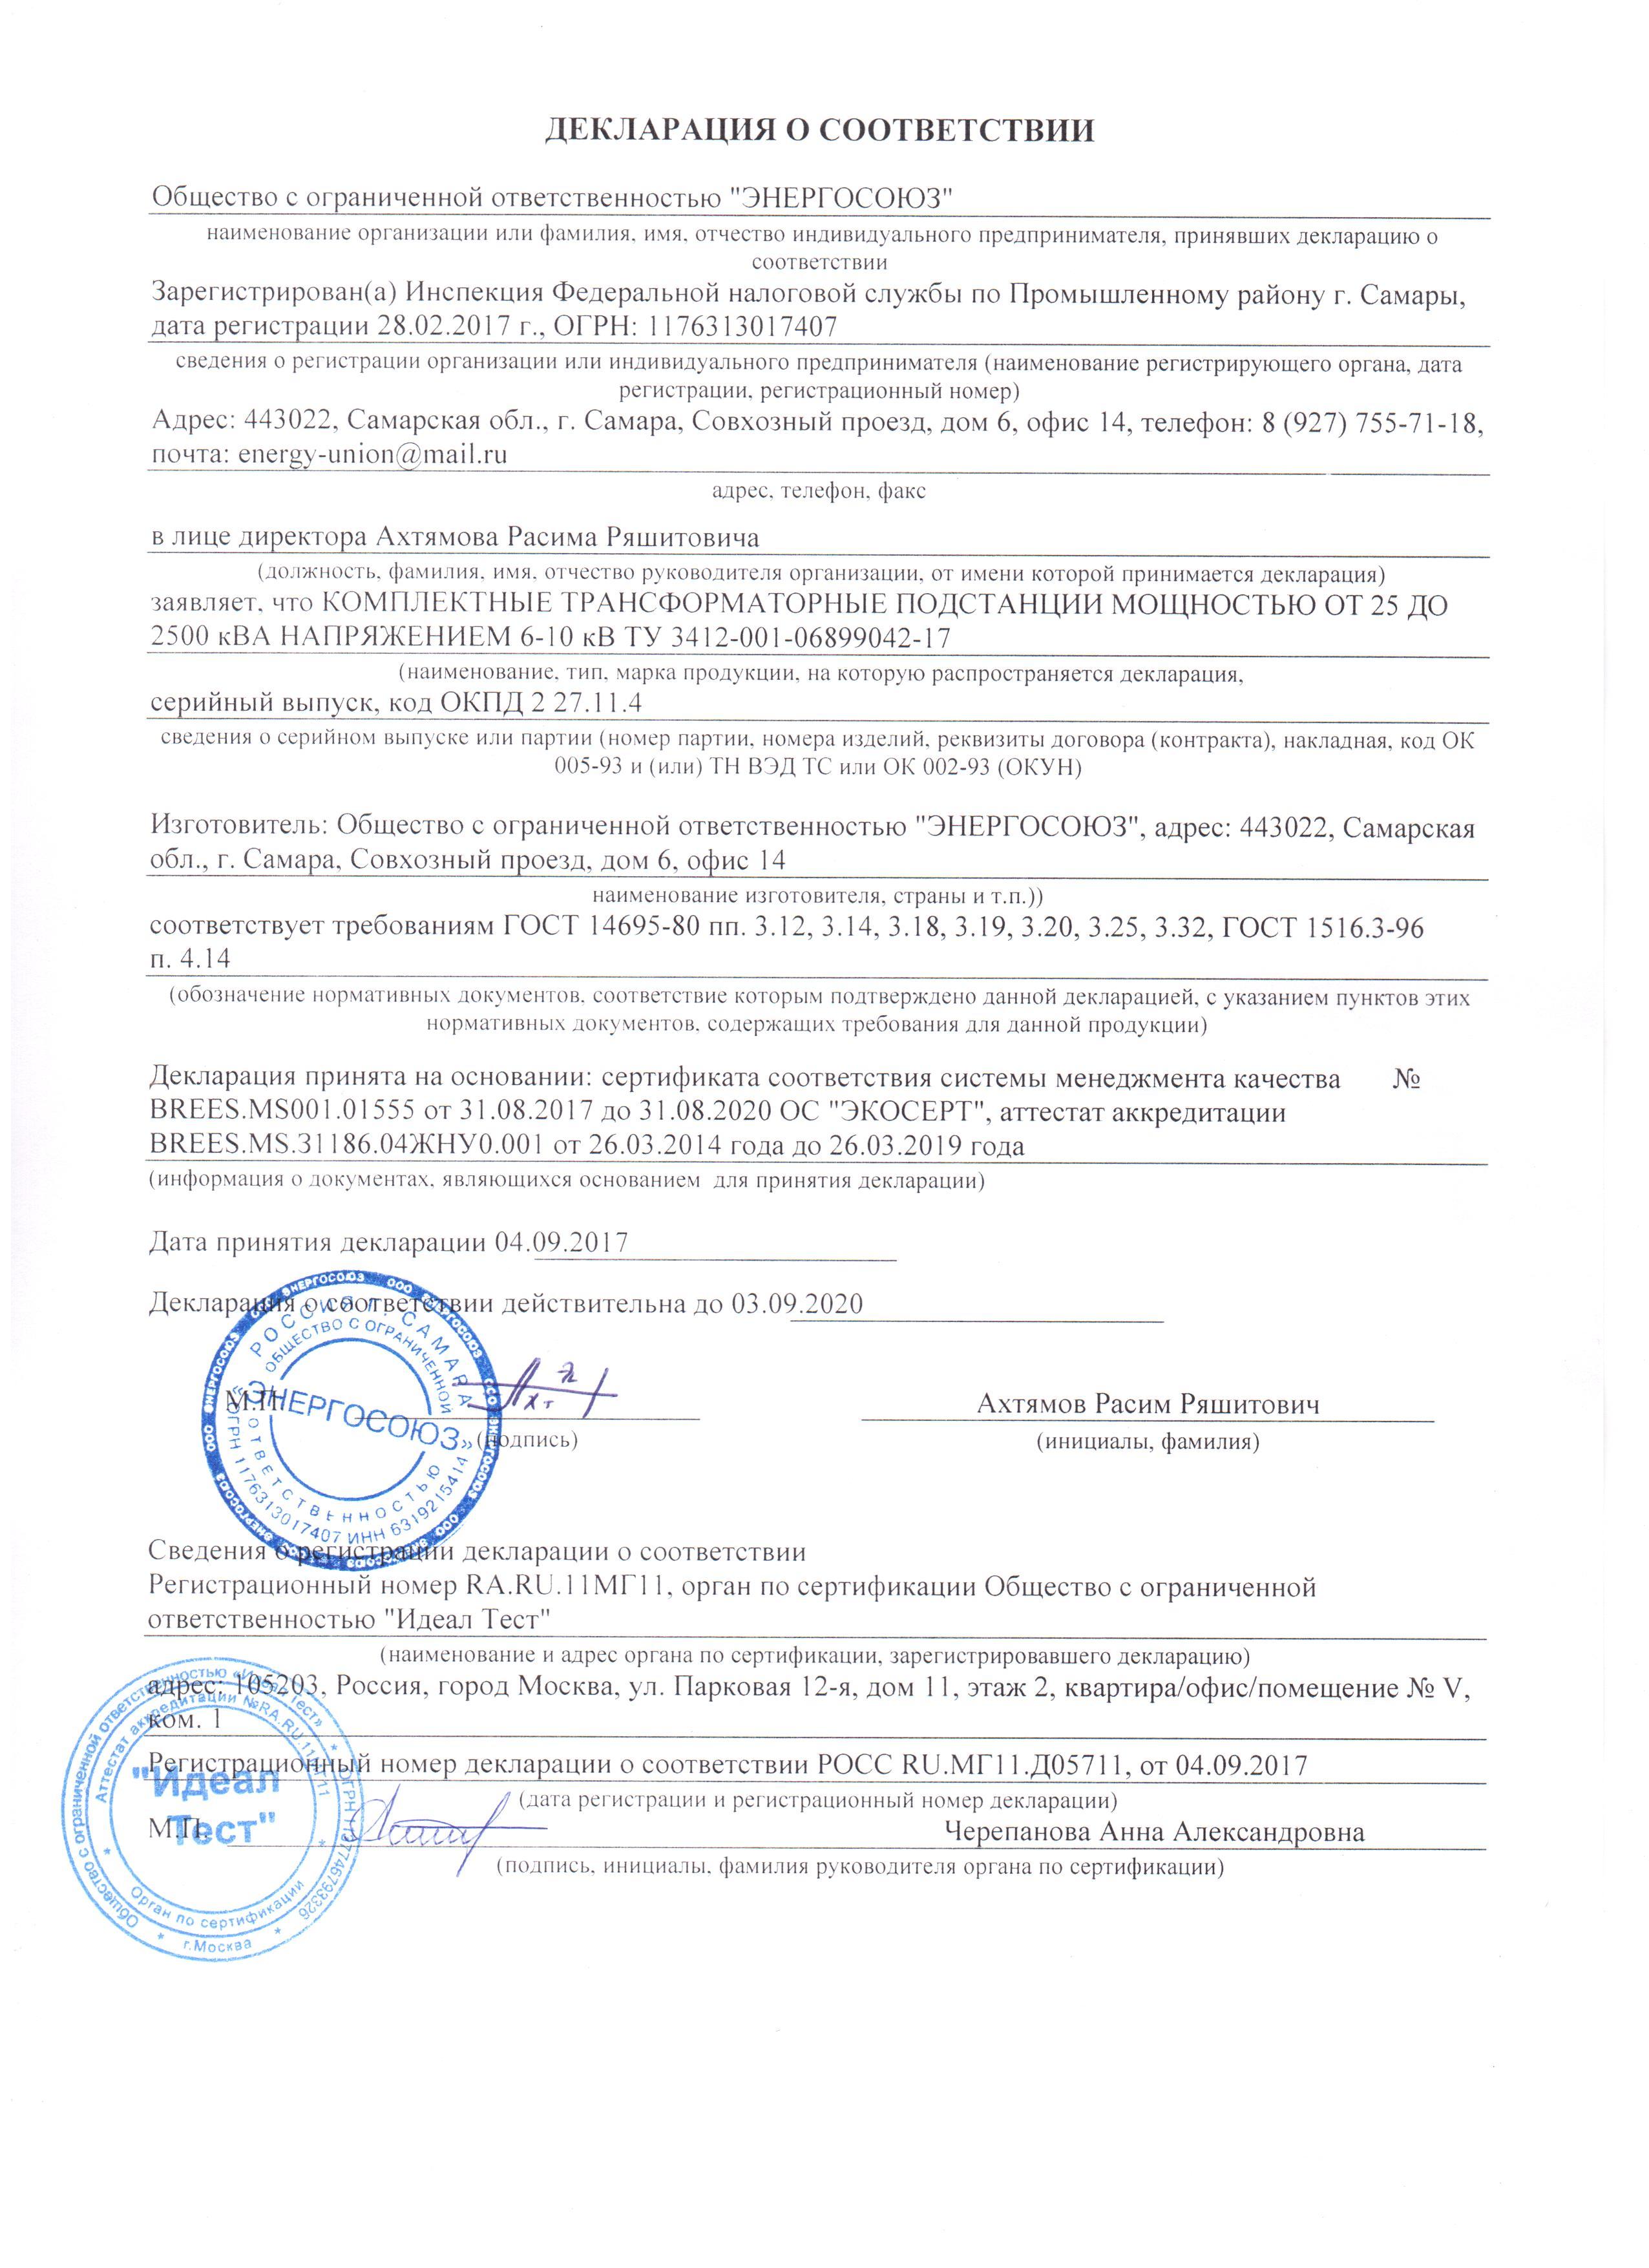 sertifikatktp.jpg